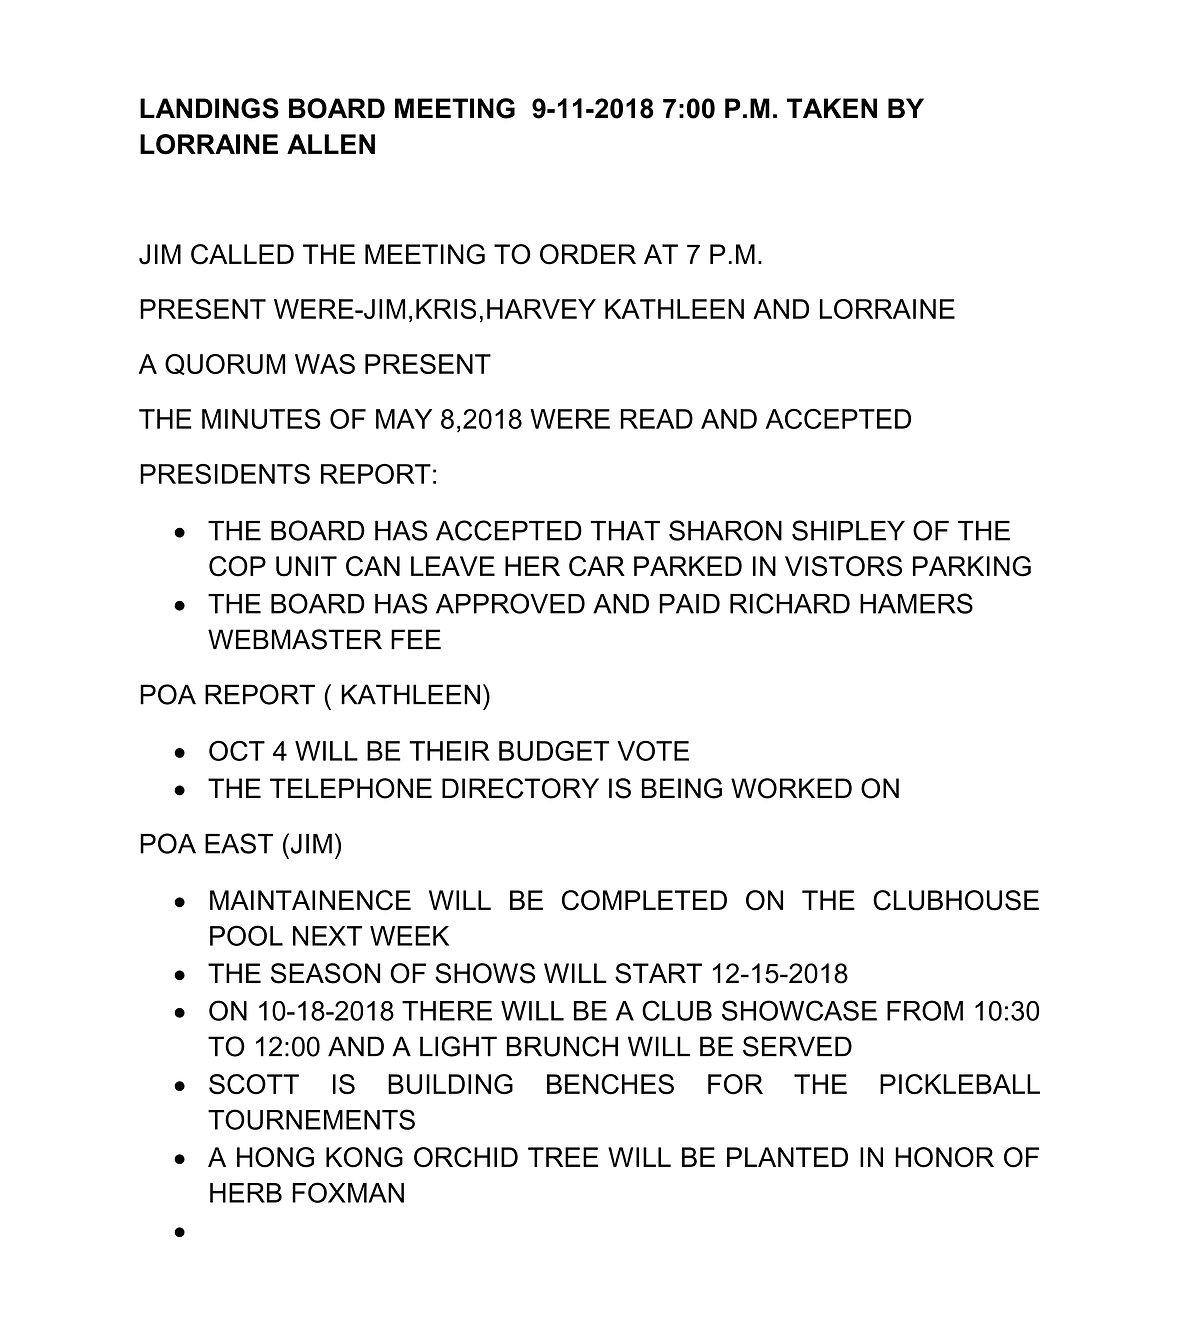 LANDINGS BOARD MEETING  9-11-2018-11 cop